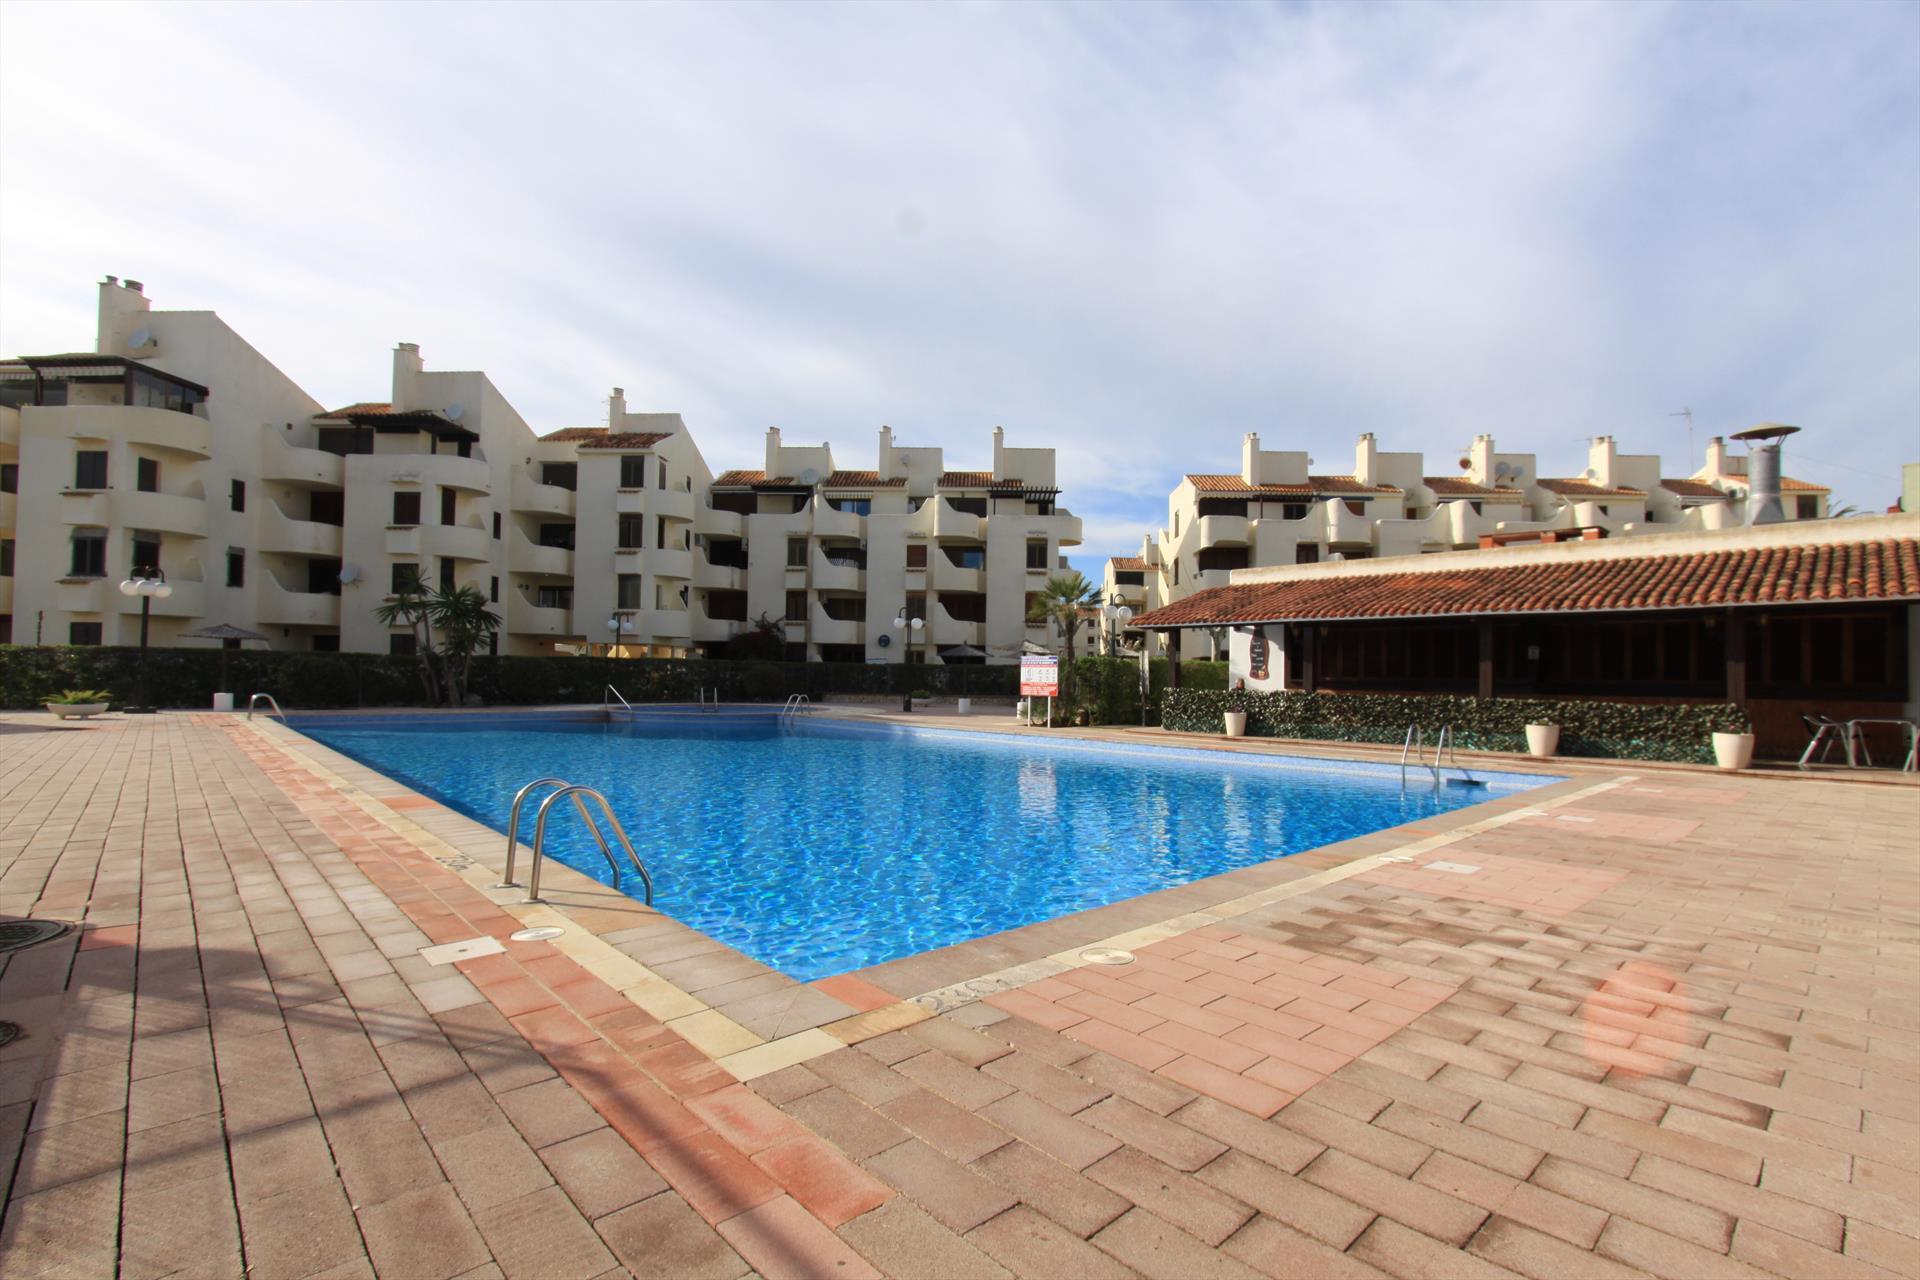 La felicidad apartamento,Appartement  met gemeenschappelijk zwembad in Denia, aan de Costa Blanca, Spanje voor 4 personen...